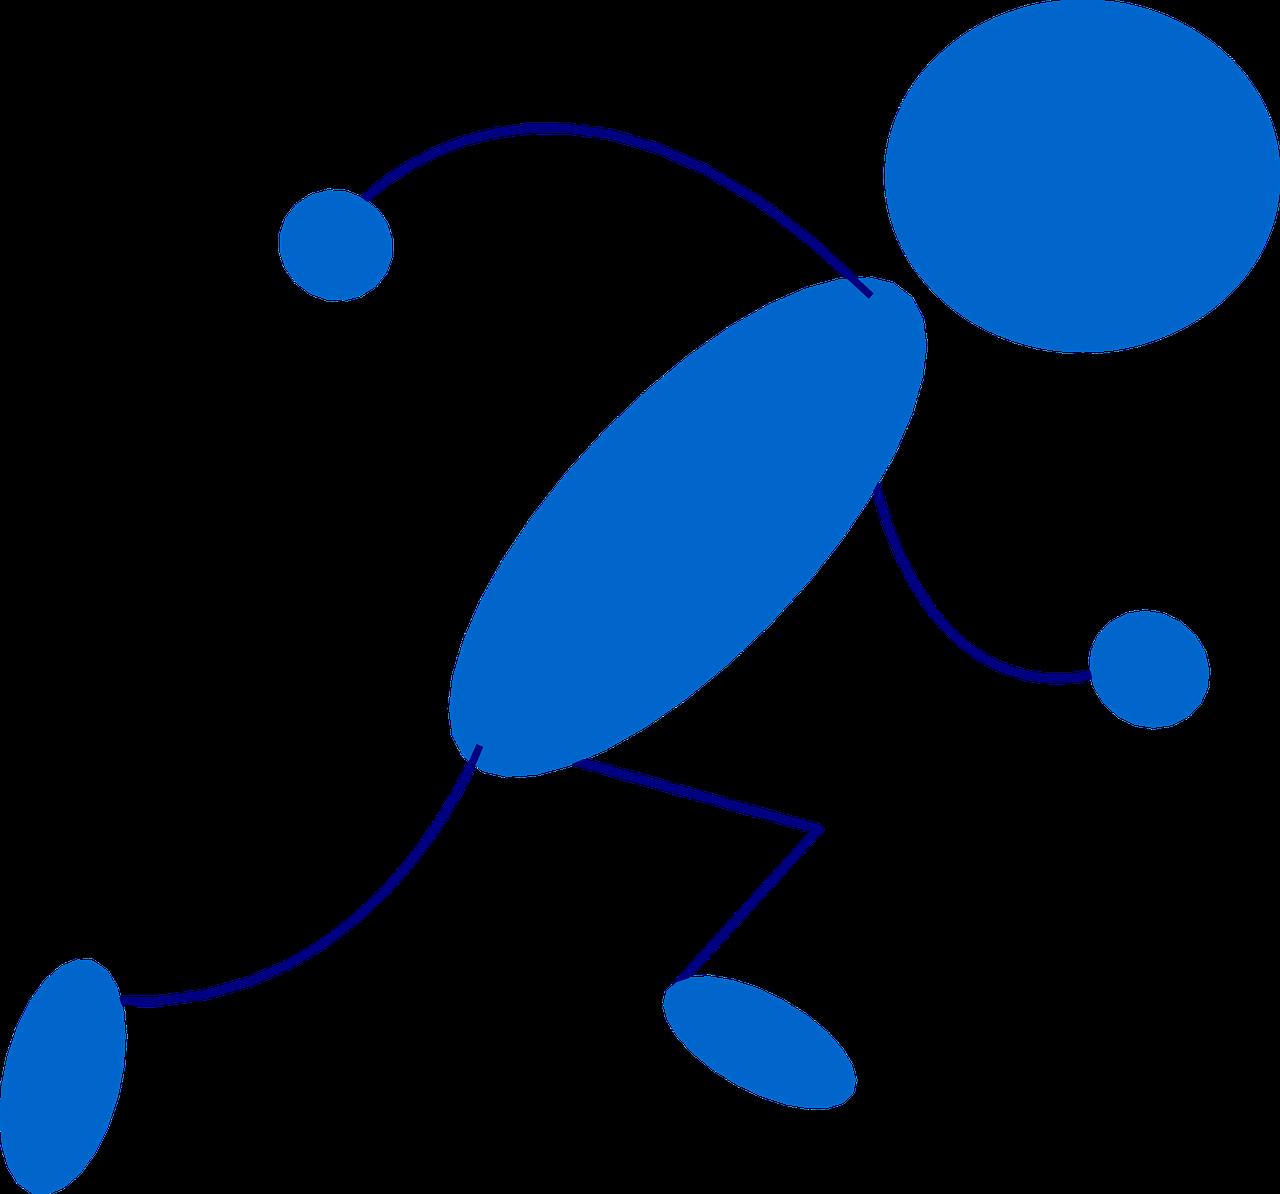 1280x1194 Stickman,stick Figure,matchstick Man,running,runner